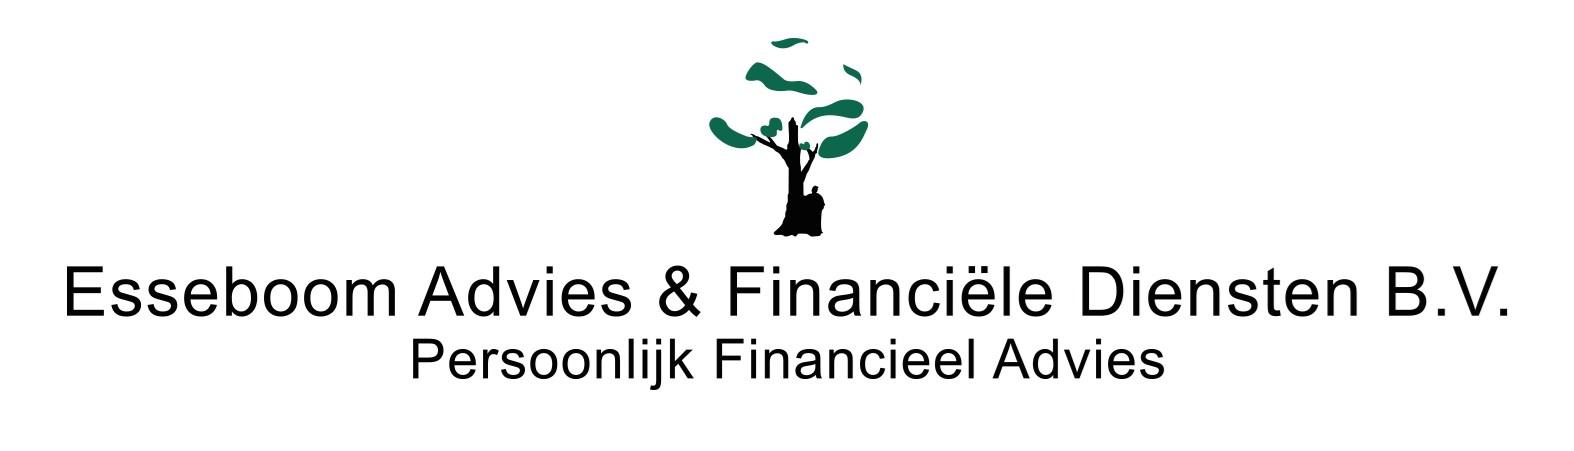 Afbeelding van Esseboom Advies & Financiële Diensten B.V.